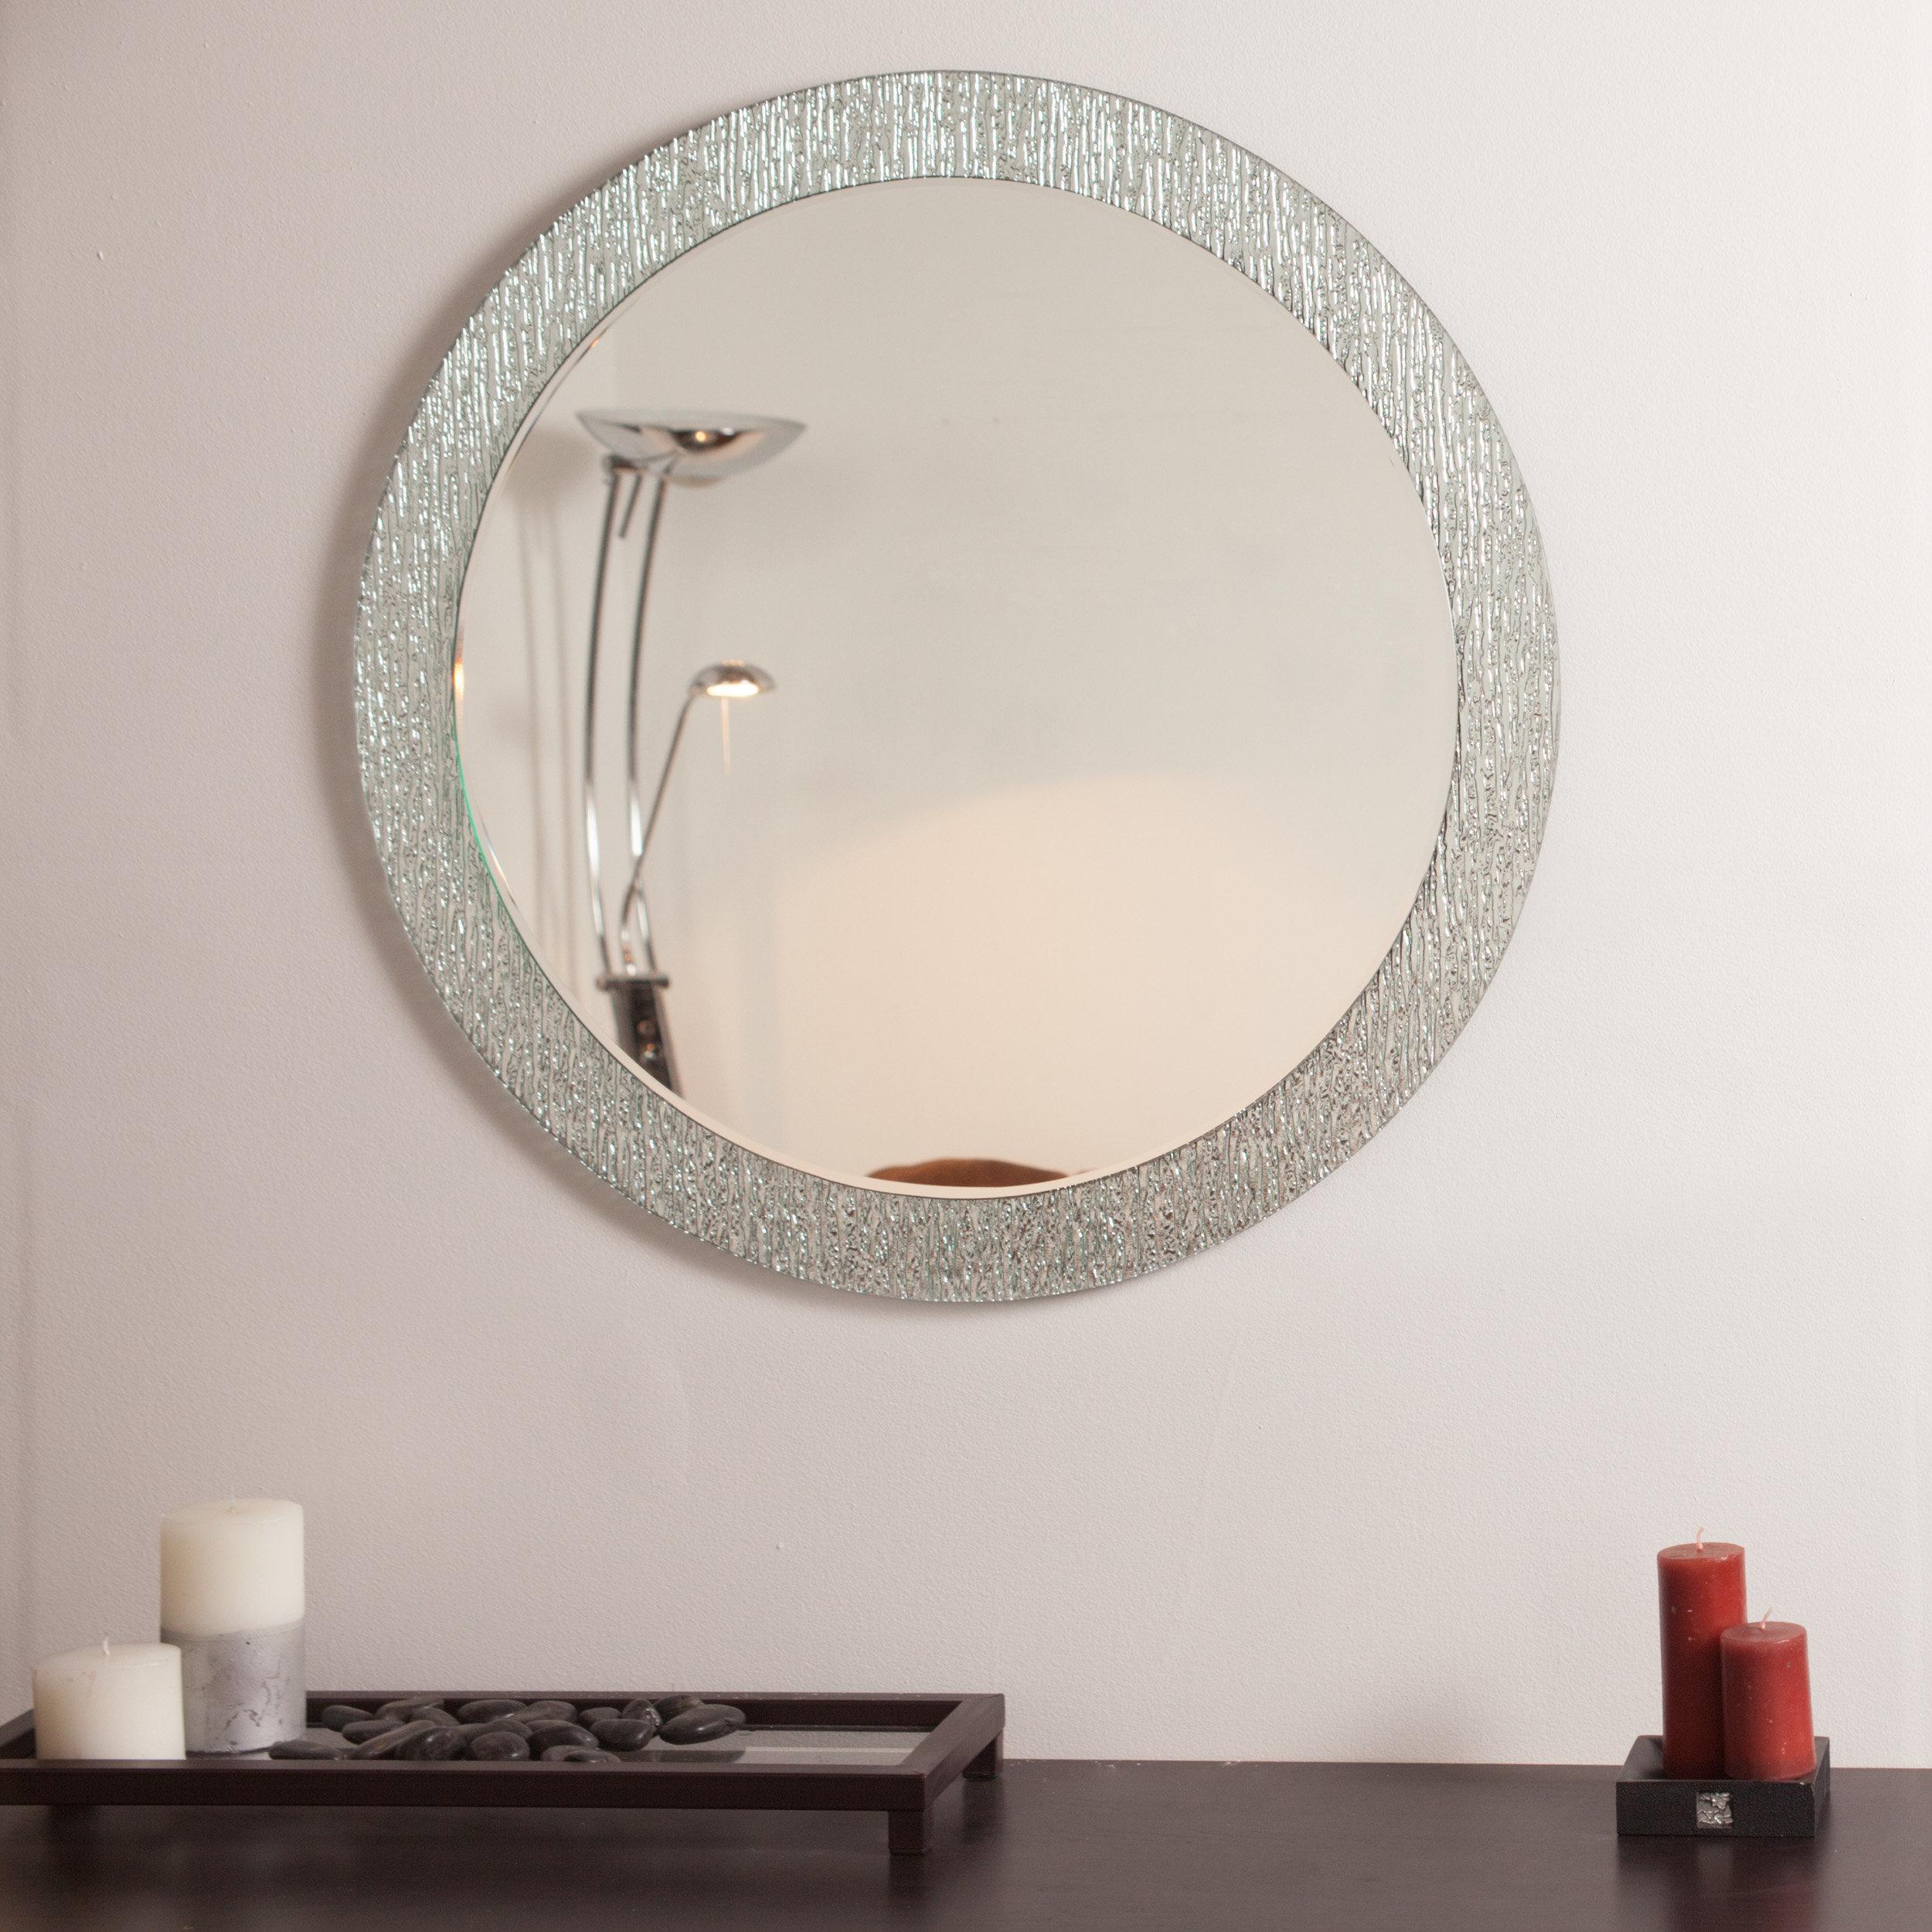 Point Reyes Molten Round Wall Mirror In Point Reyes Molten Round Wall Mirrors (View 2 of 20)